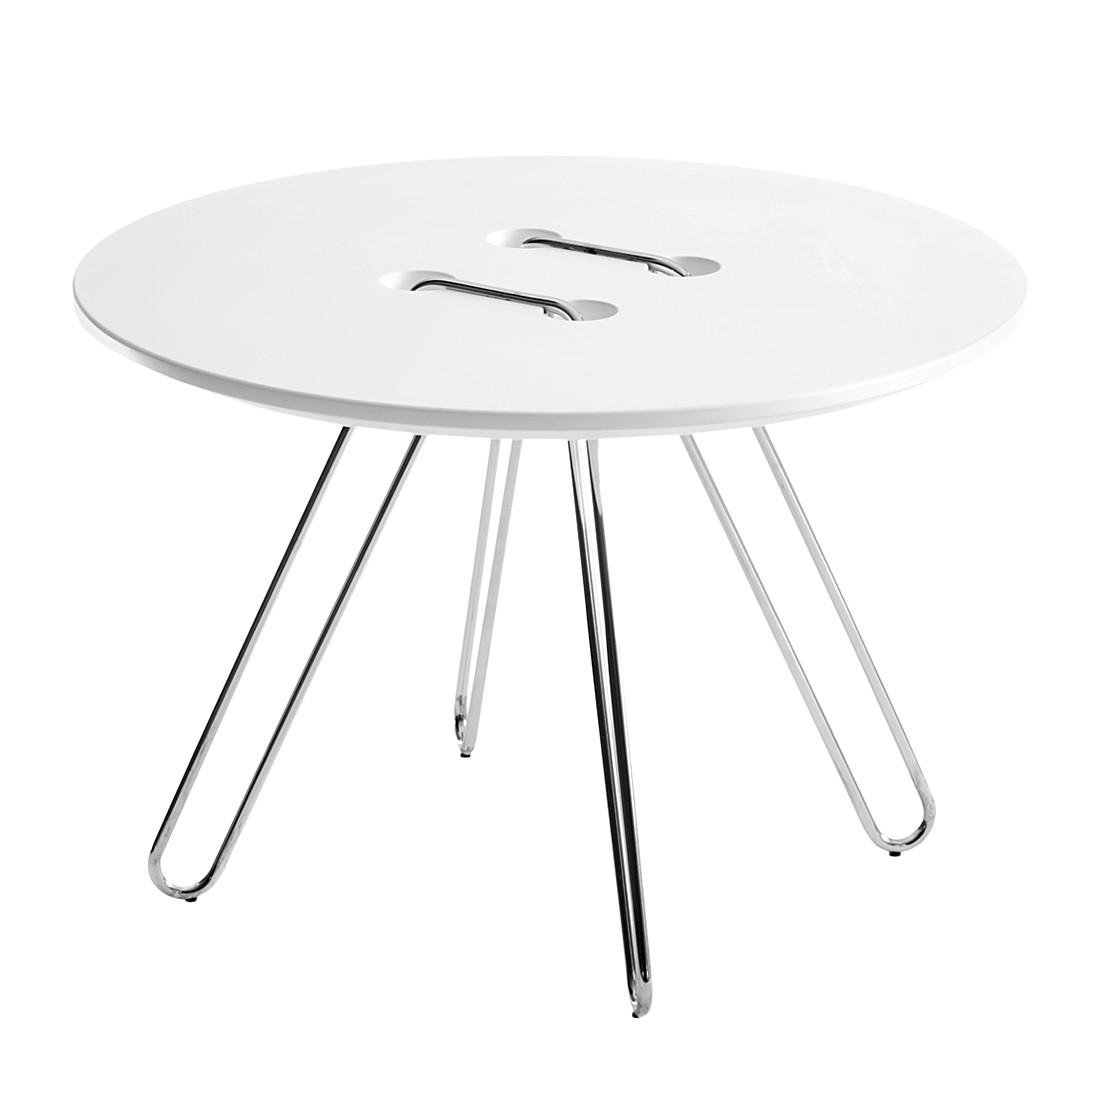 Tisch Twine Table Medium – Weiß/Chrome, Casamania günstig online kaufen